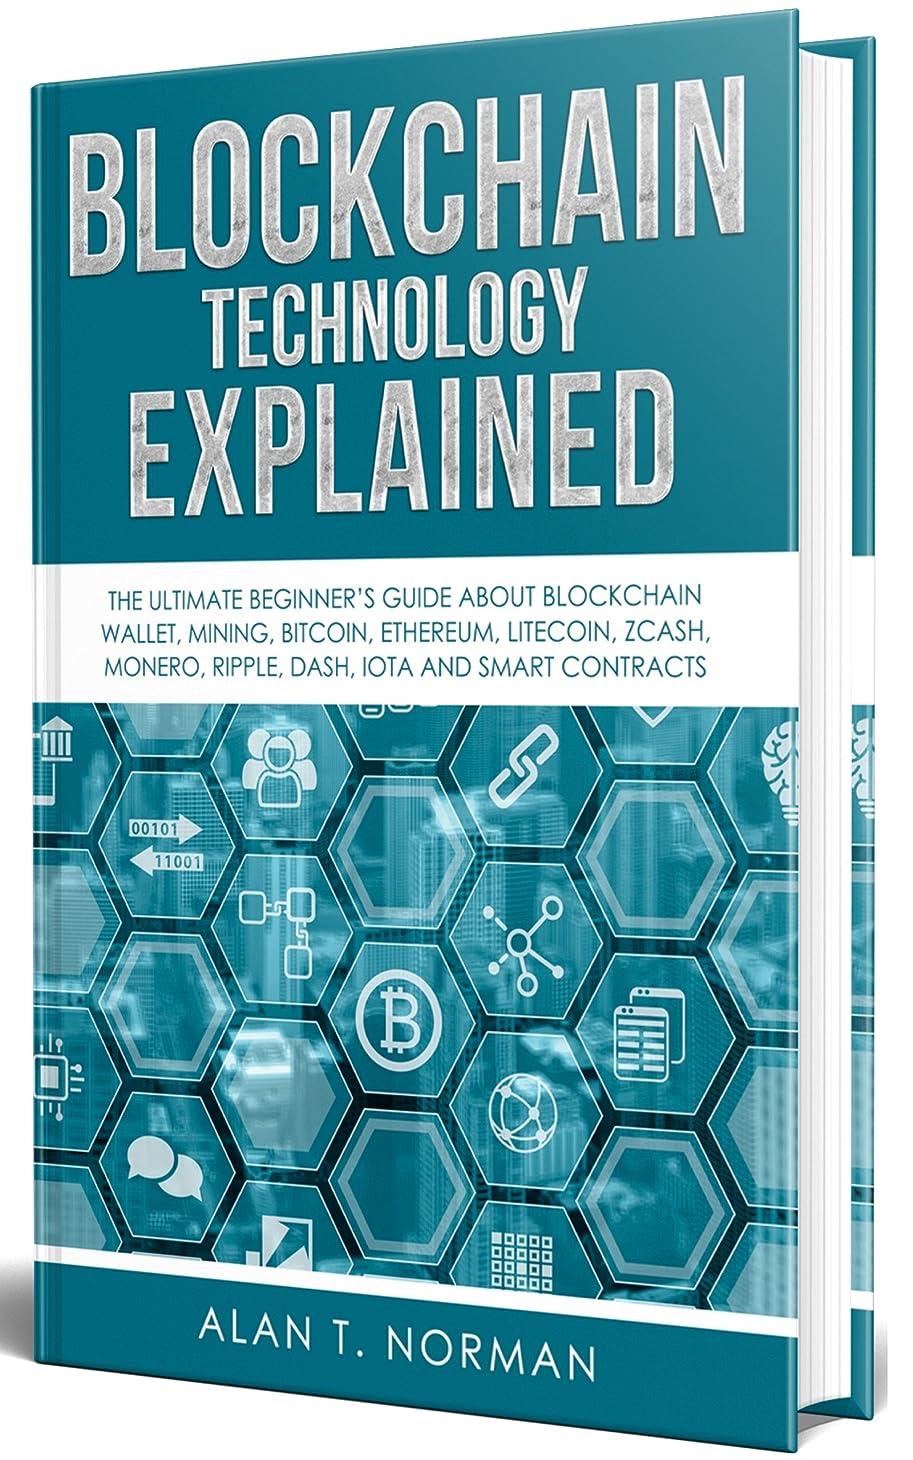 リスト合成まぶしさBlockchain Technology Explained: The Ultimate Beginner's Guide About Blockchain Wallet, Mining, Bitcoin, Ethereum, Litecoin, Zcash, Monero, Ripple, Dash, IOTA and Smart Contracts (English Edition)